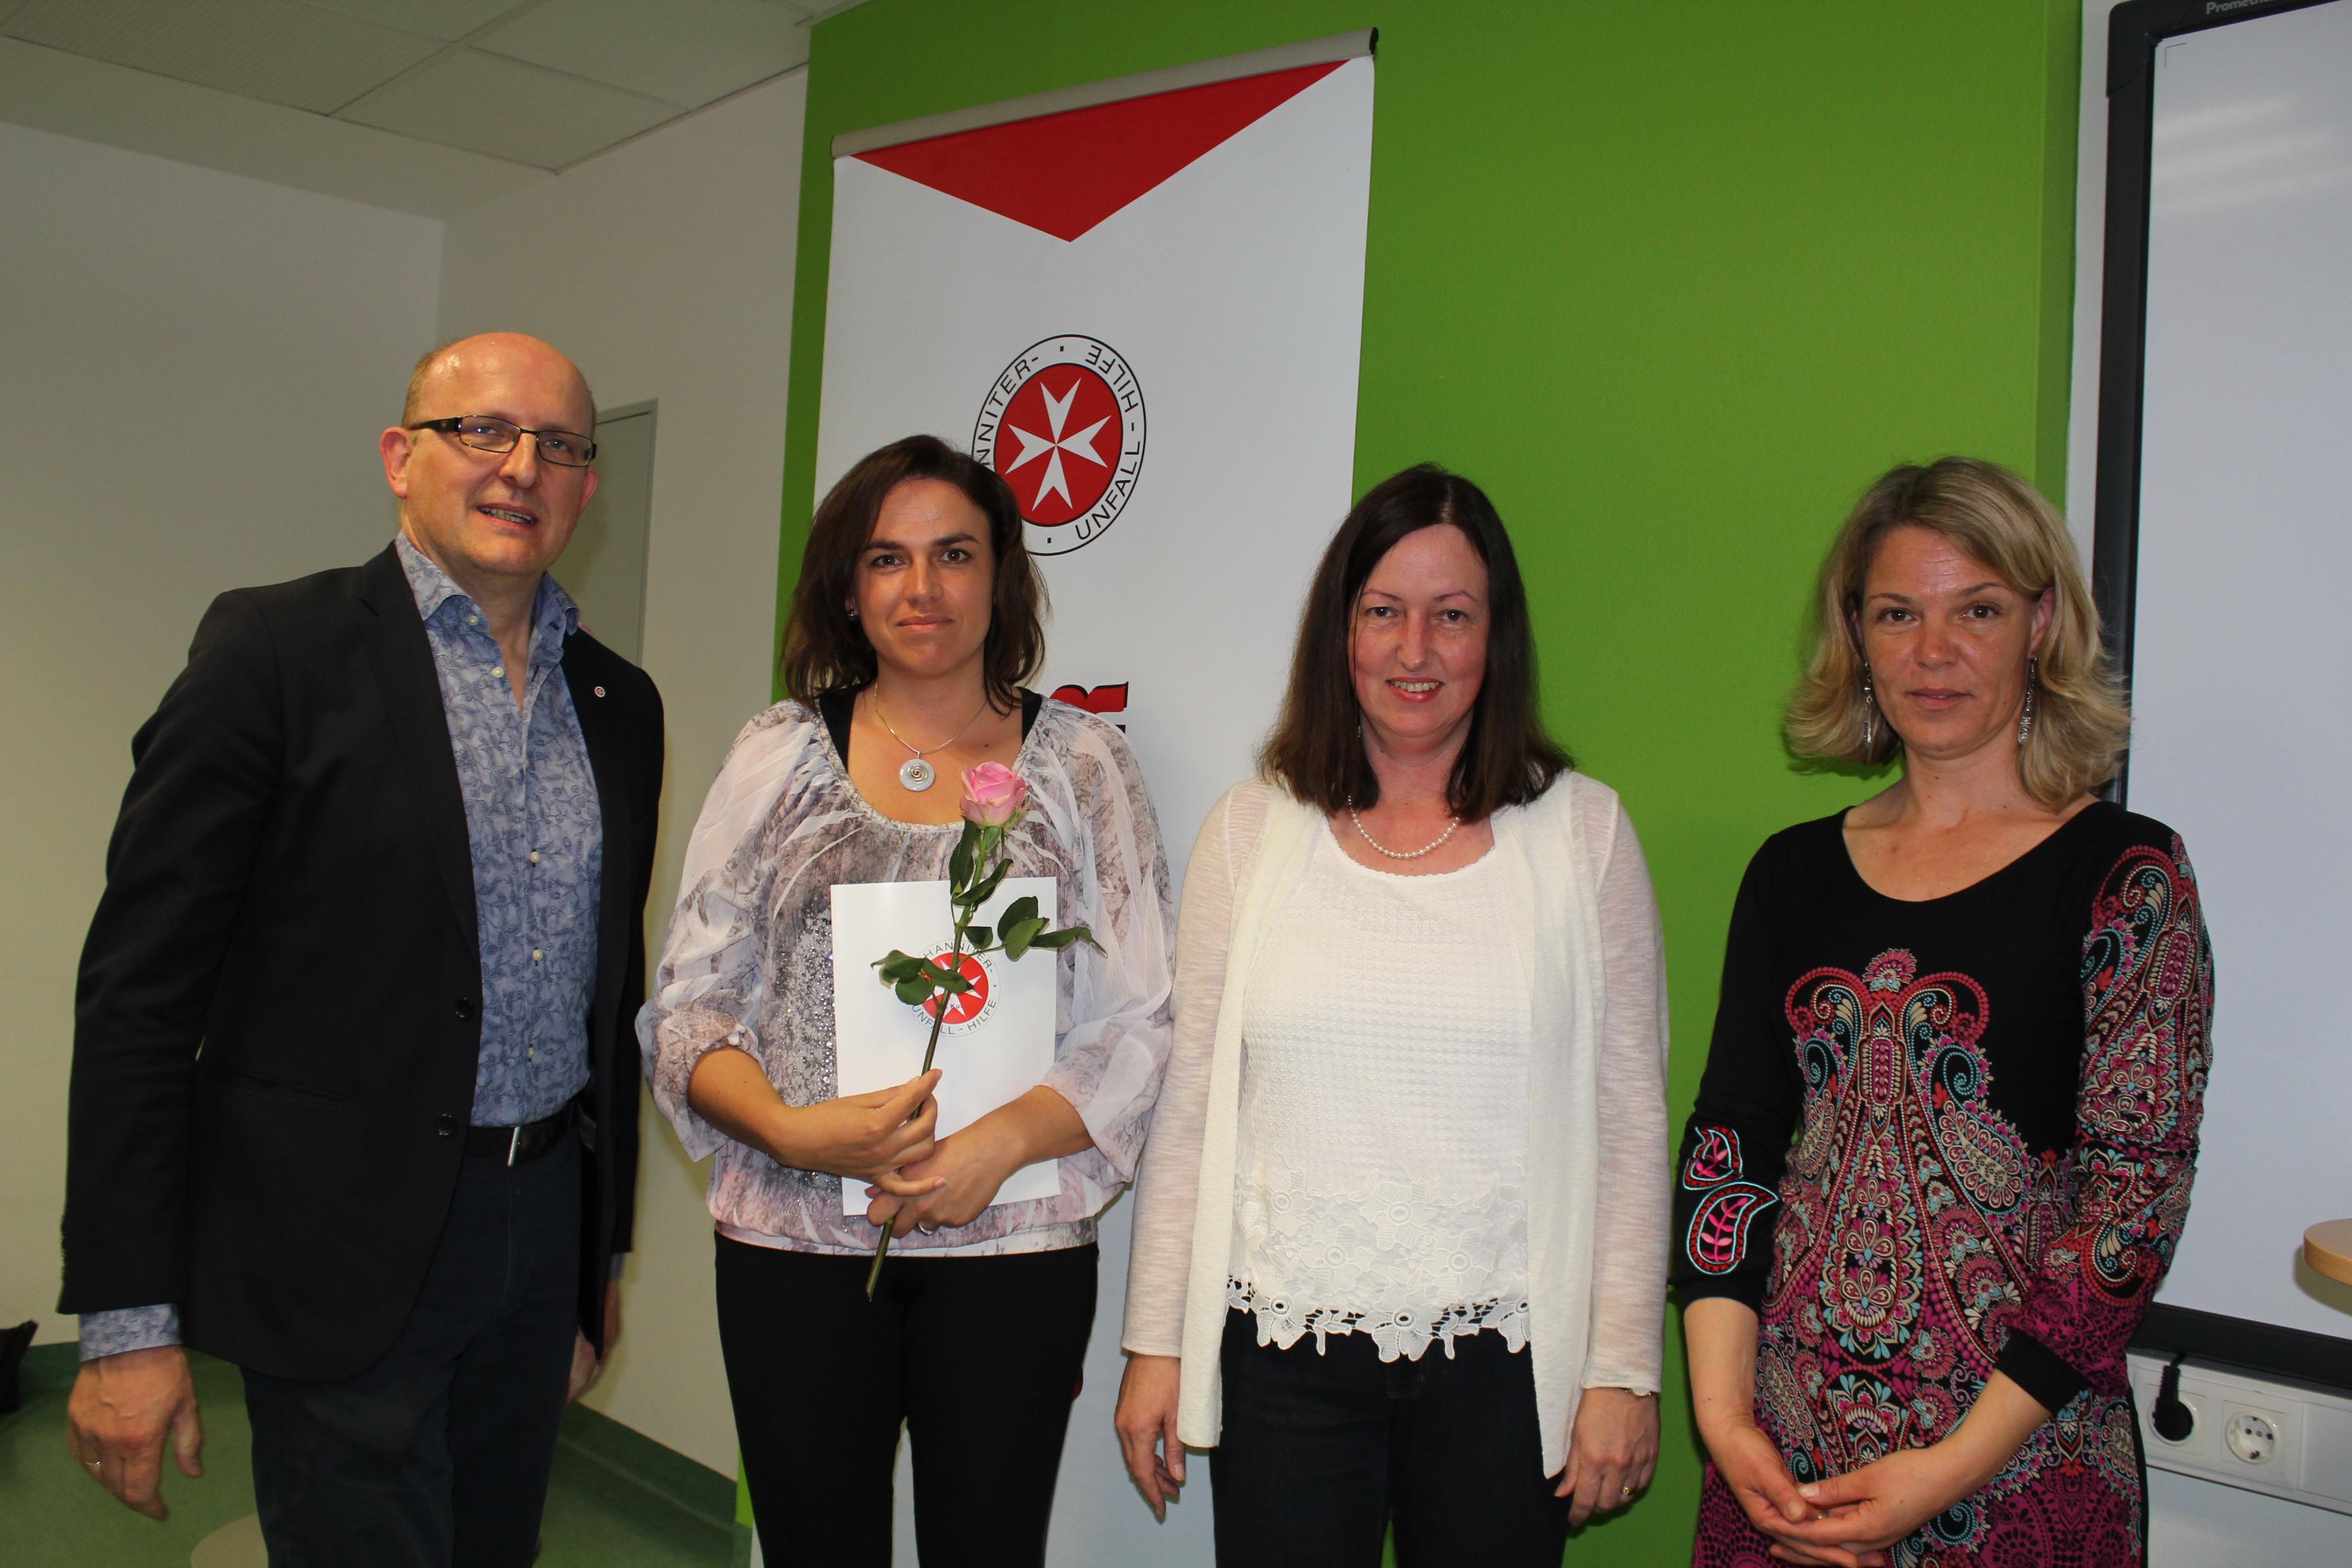 DGKS Sonja Kurz übernimmt nach erfolgreich absolvierter Weiterbildung die Pflegedienstleitung in unserem Wohn- und Pflegeheim